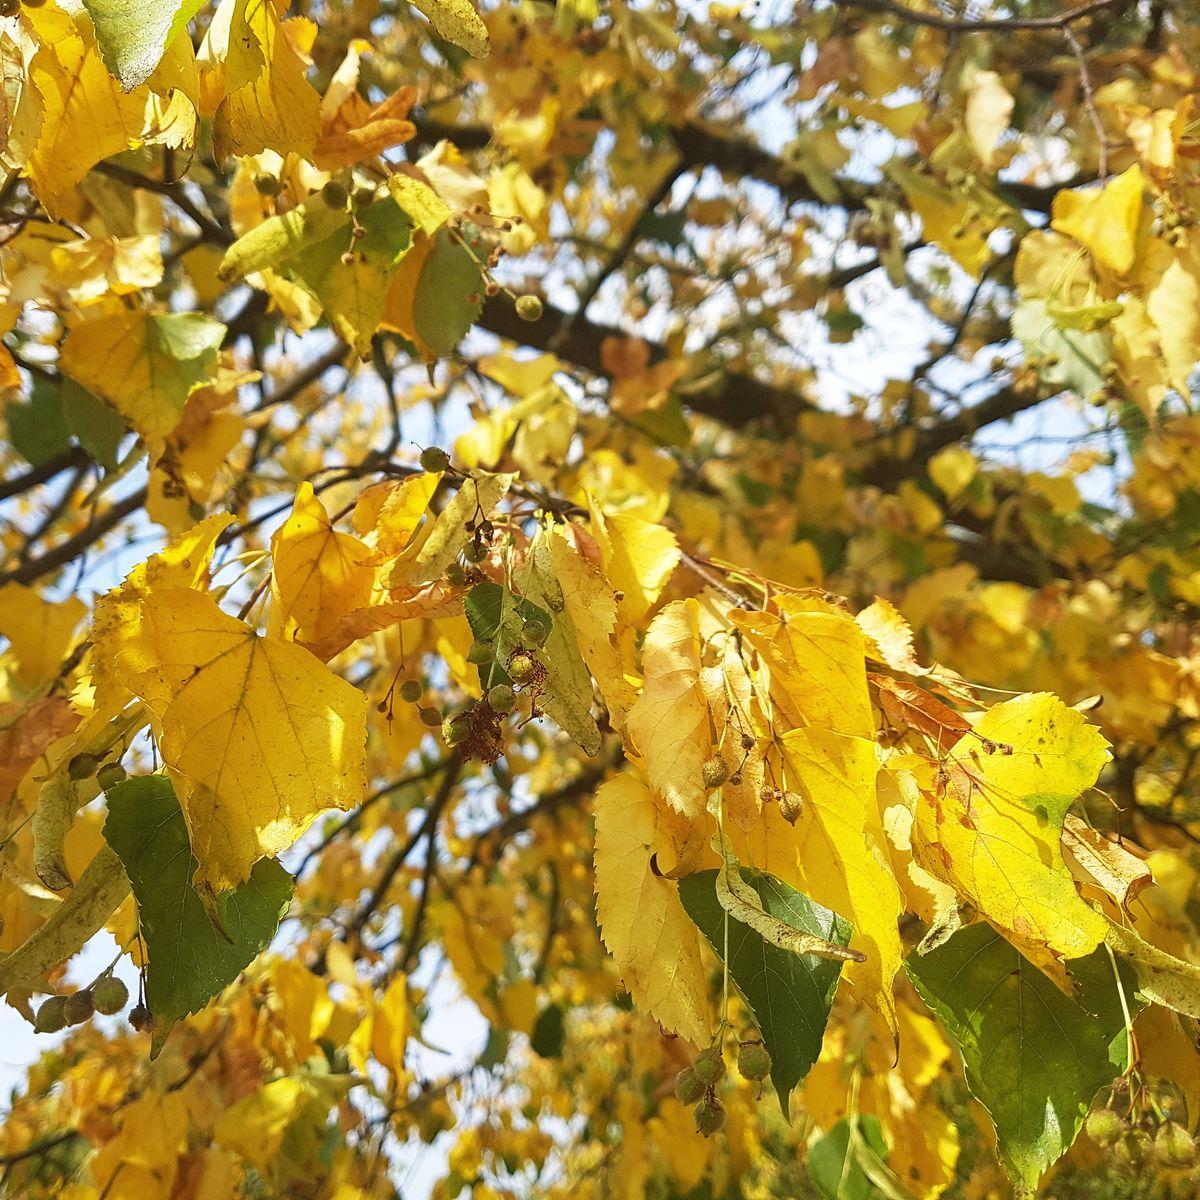 Trockenheit & Dürre: Wann muss ich Bäume gießen?